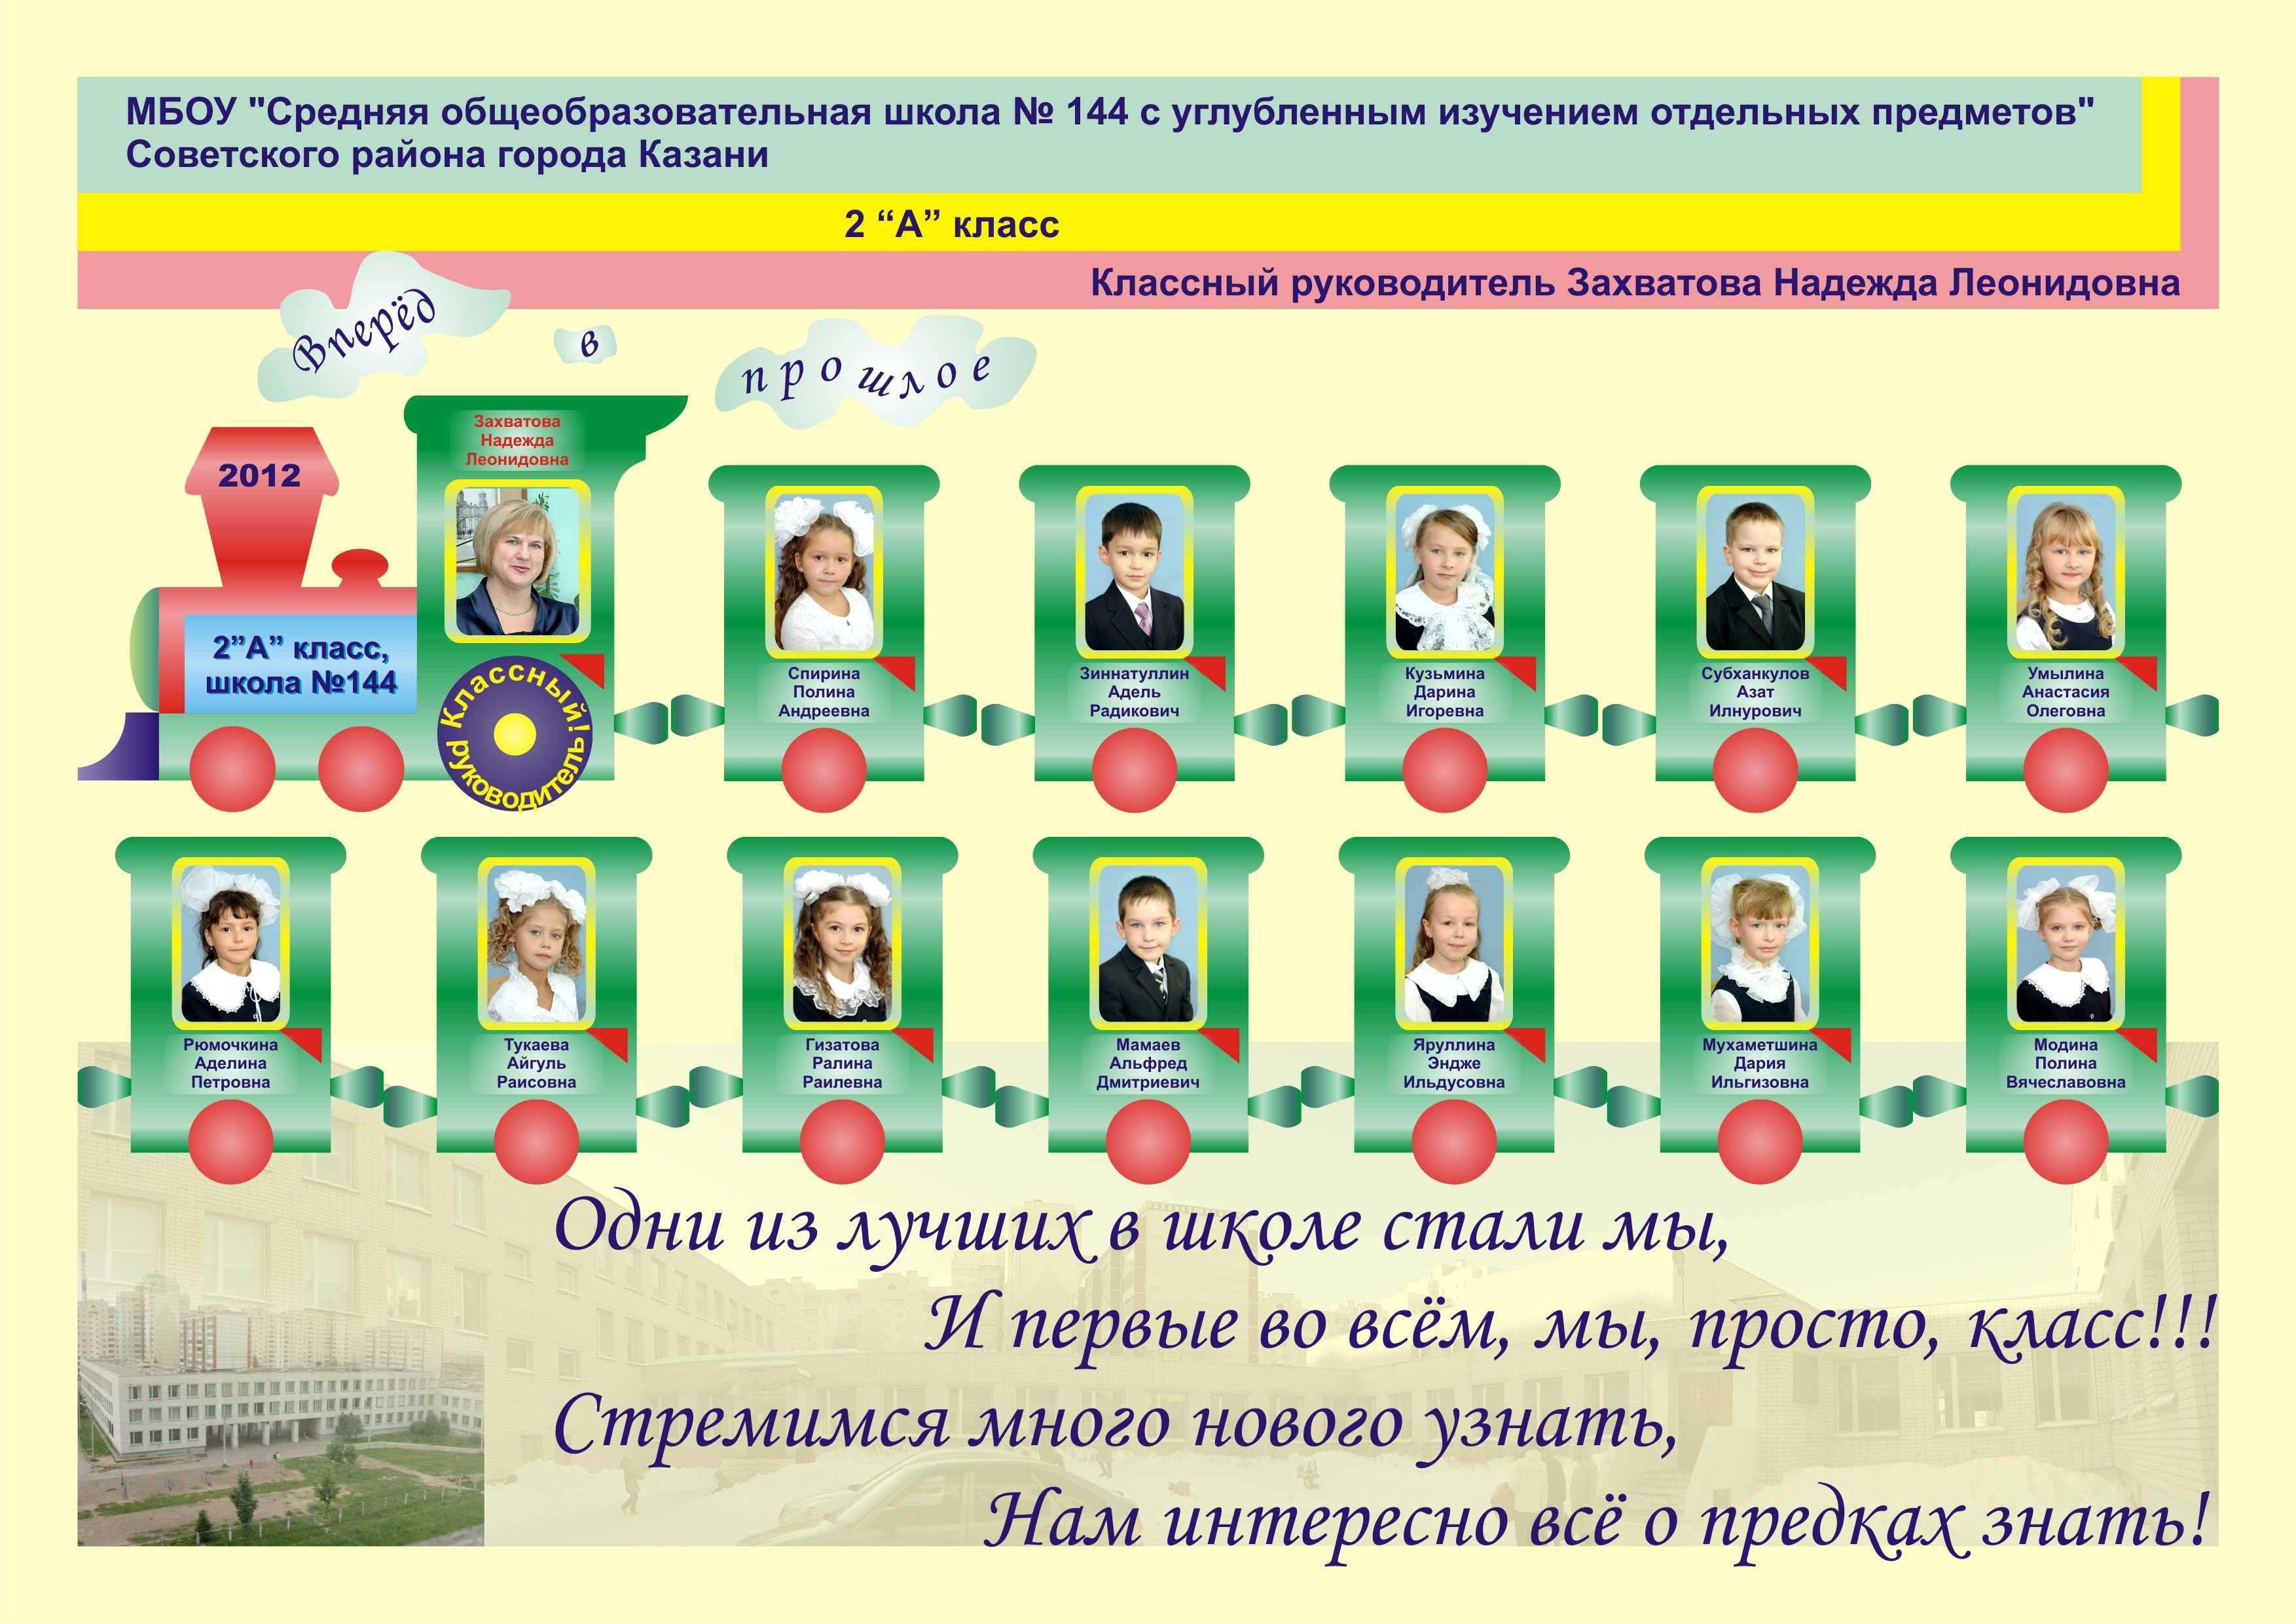 Визитка для детского конкурса мальчиков